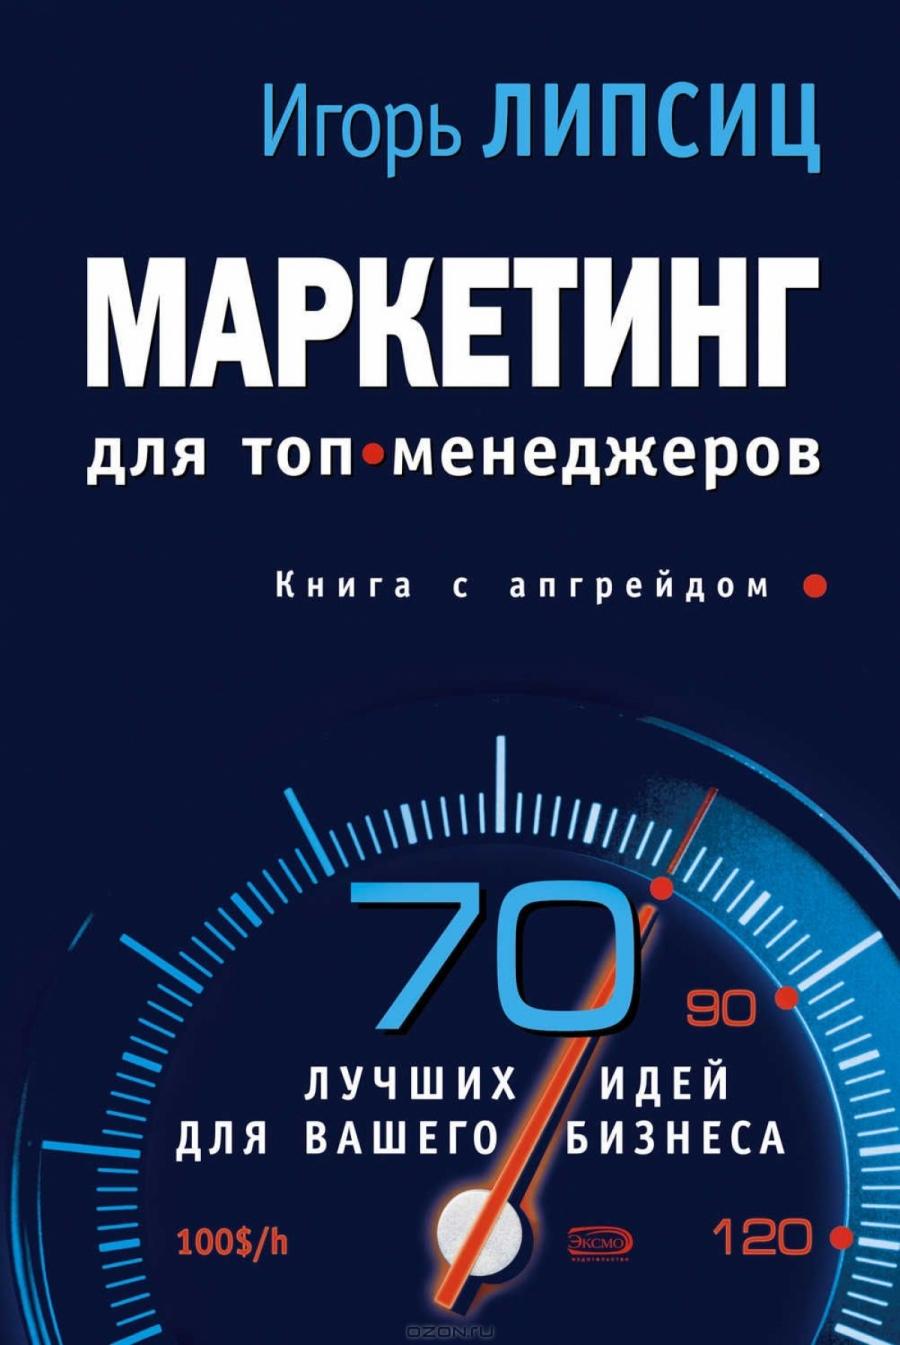 Обложка книги:  профессиональные издания для бизнеса - липсиц и. в. - маркетинг для топ-менеджеров